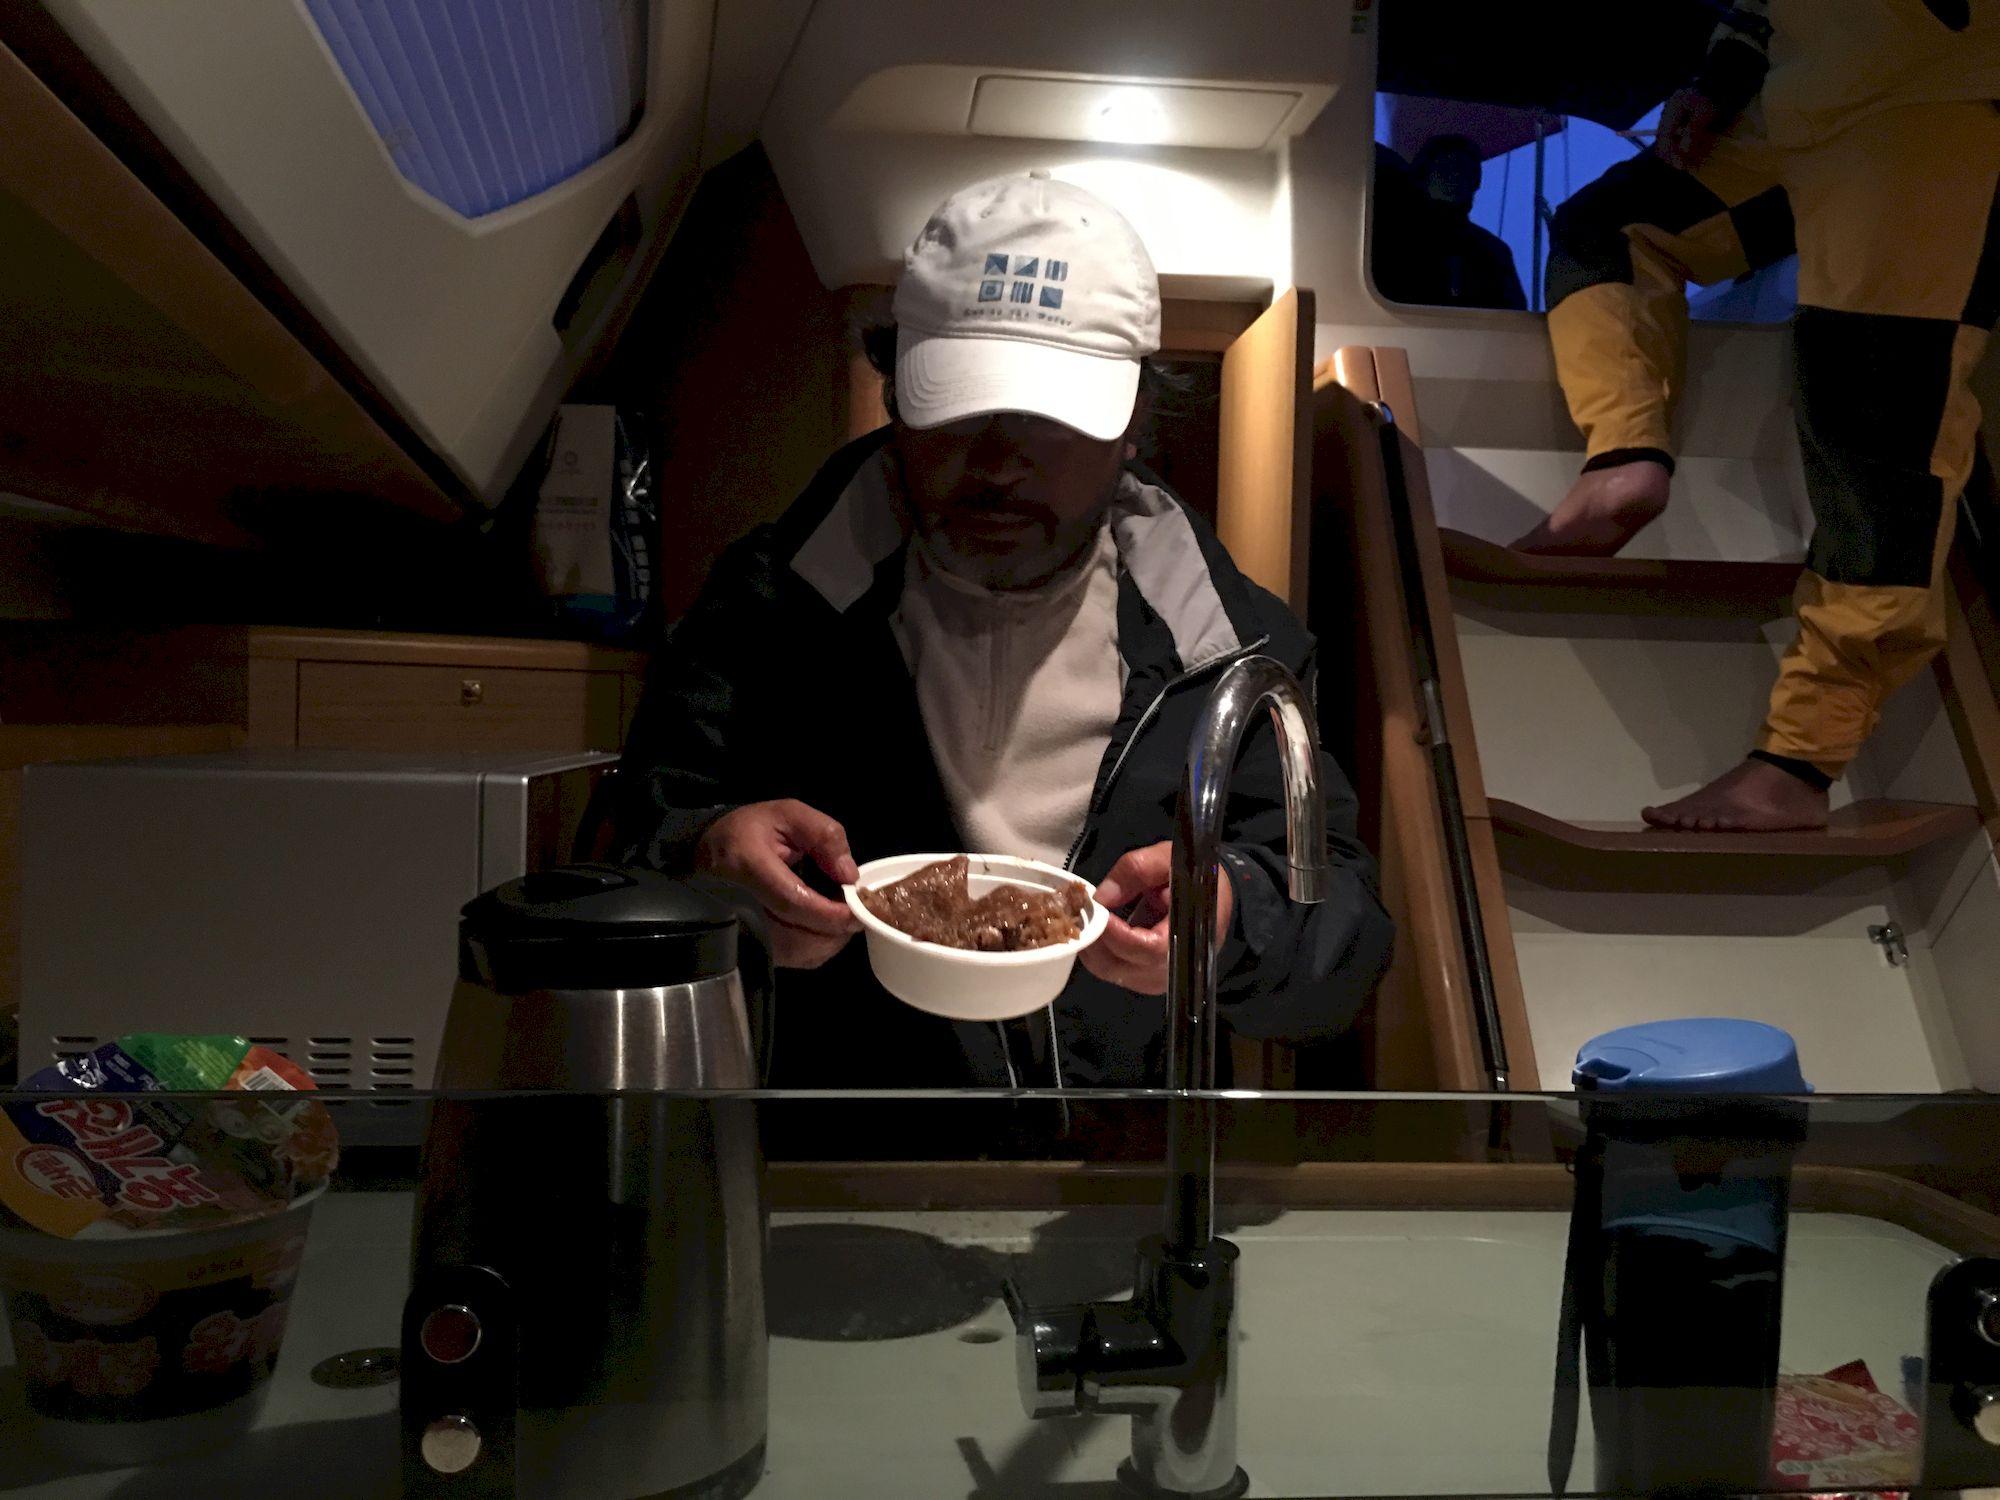 012f-IMG_3392_千帆俱乐部我要航海网帆船队-2016威海-仁川国际帆船赛.JPG